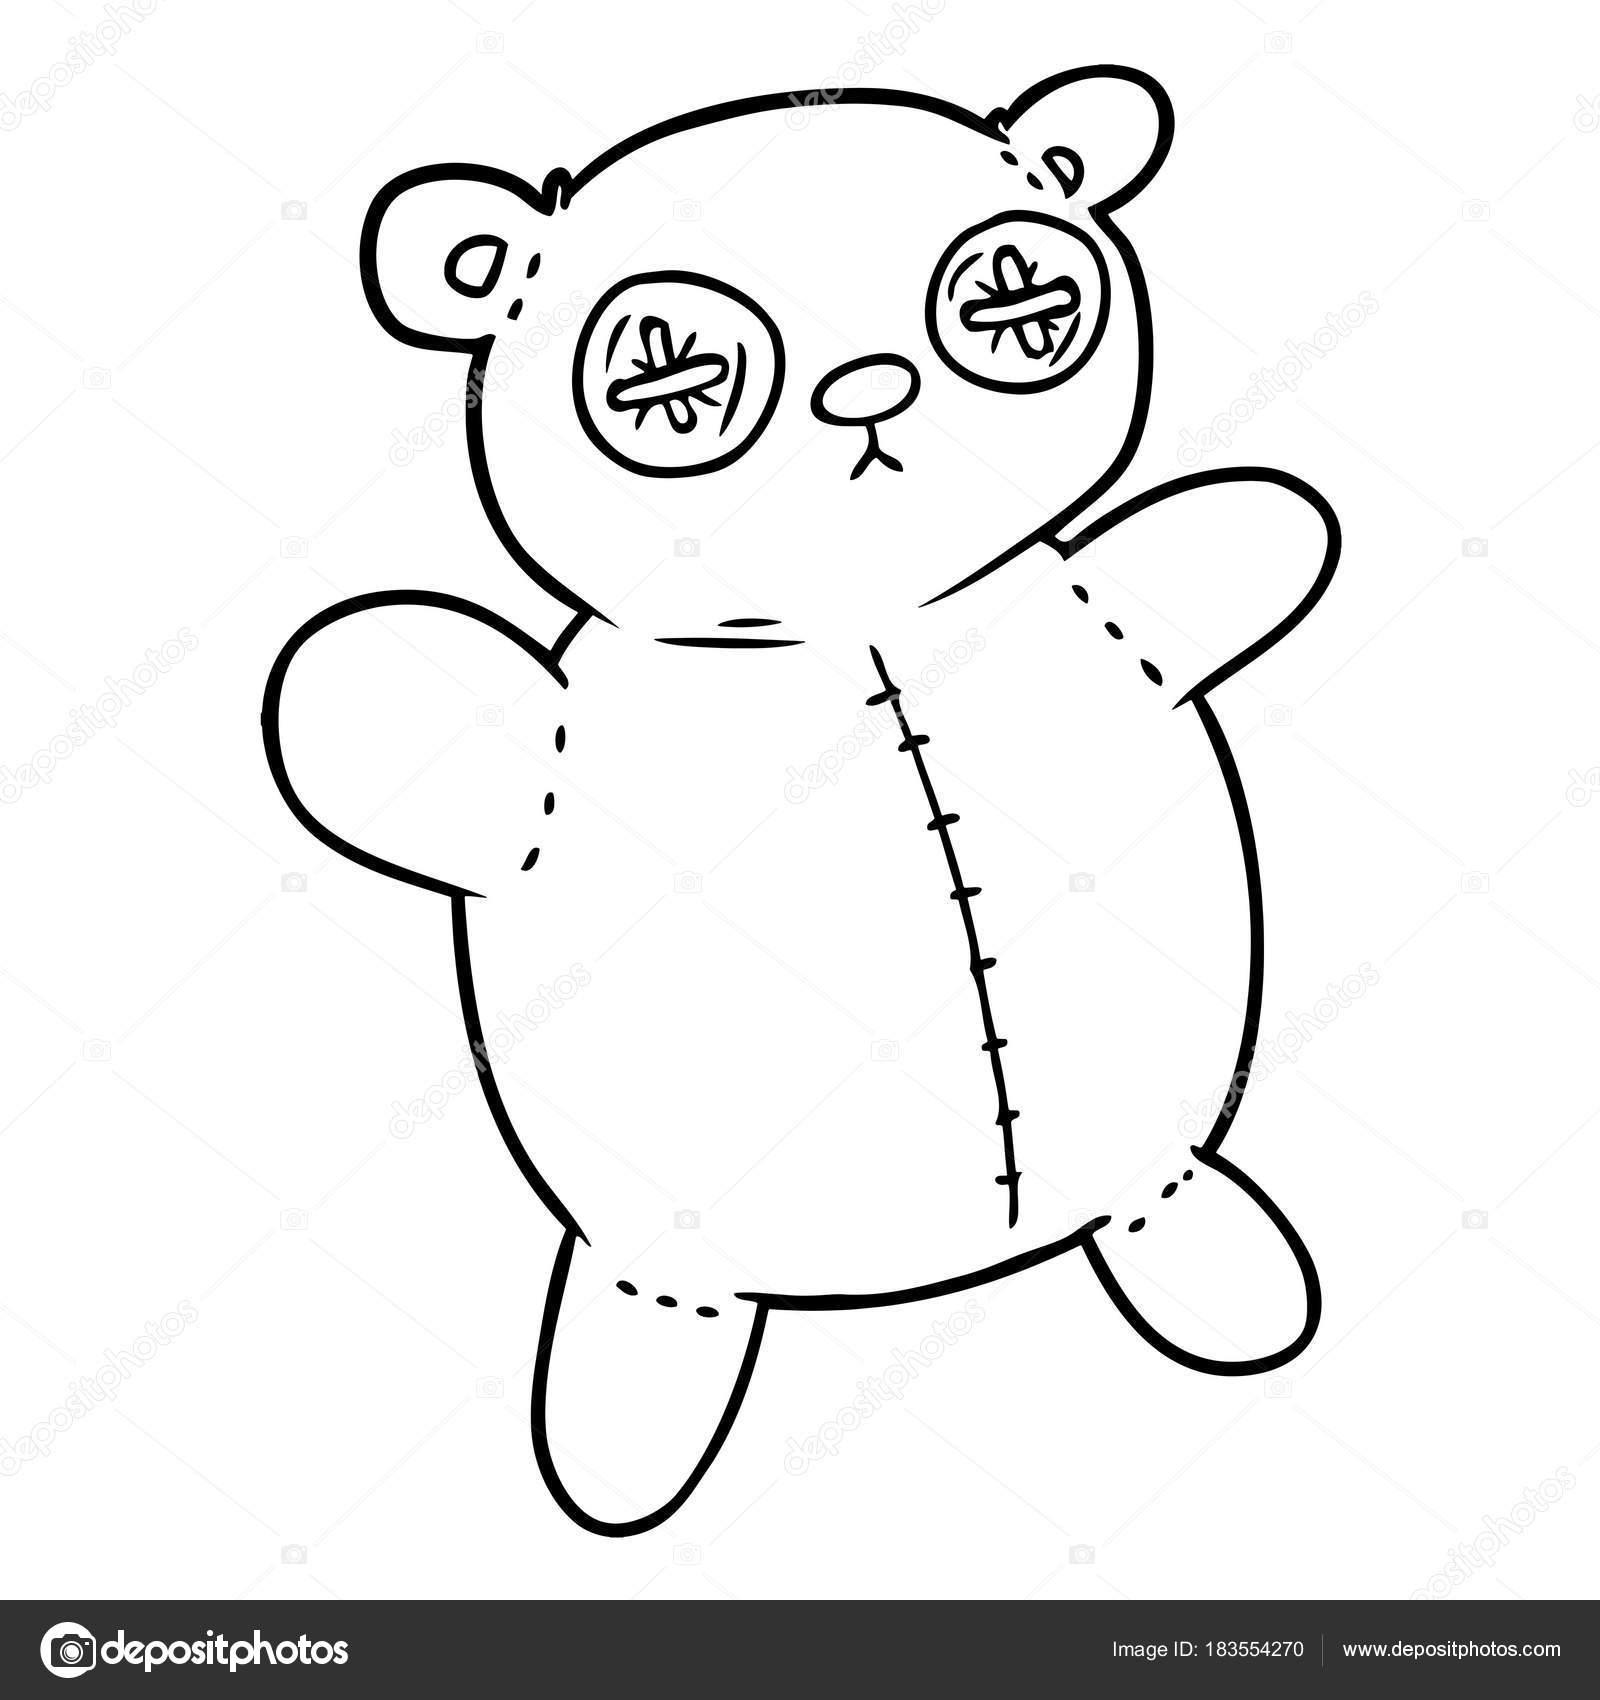 Vieux Ours Peluche Dessin Anime Image Vectorielle Lineartestpilot